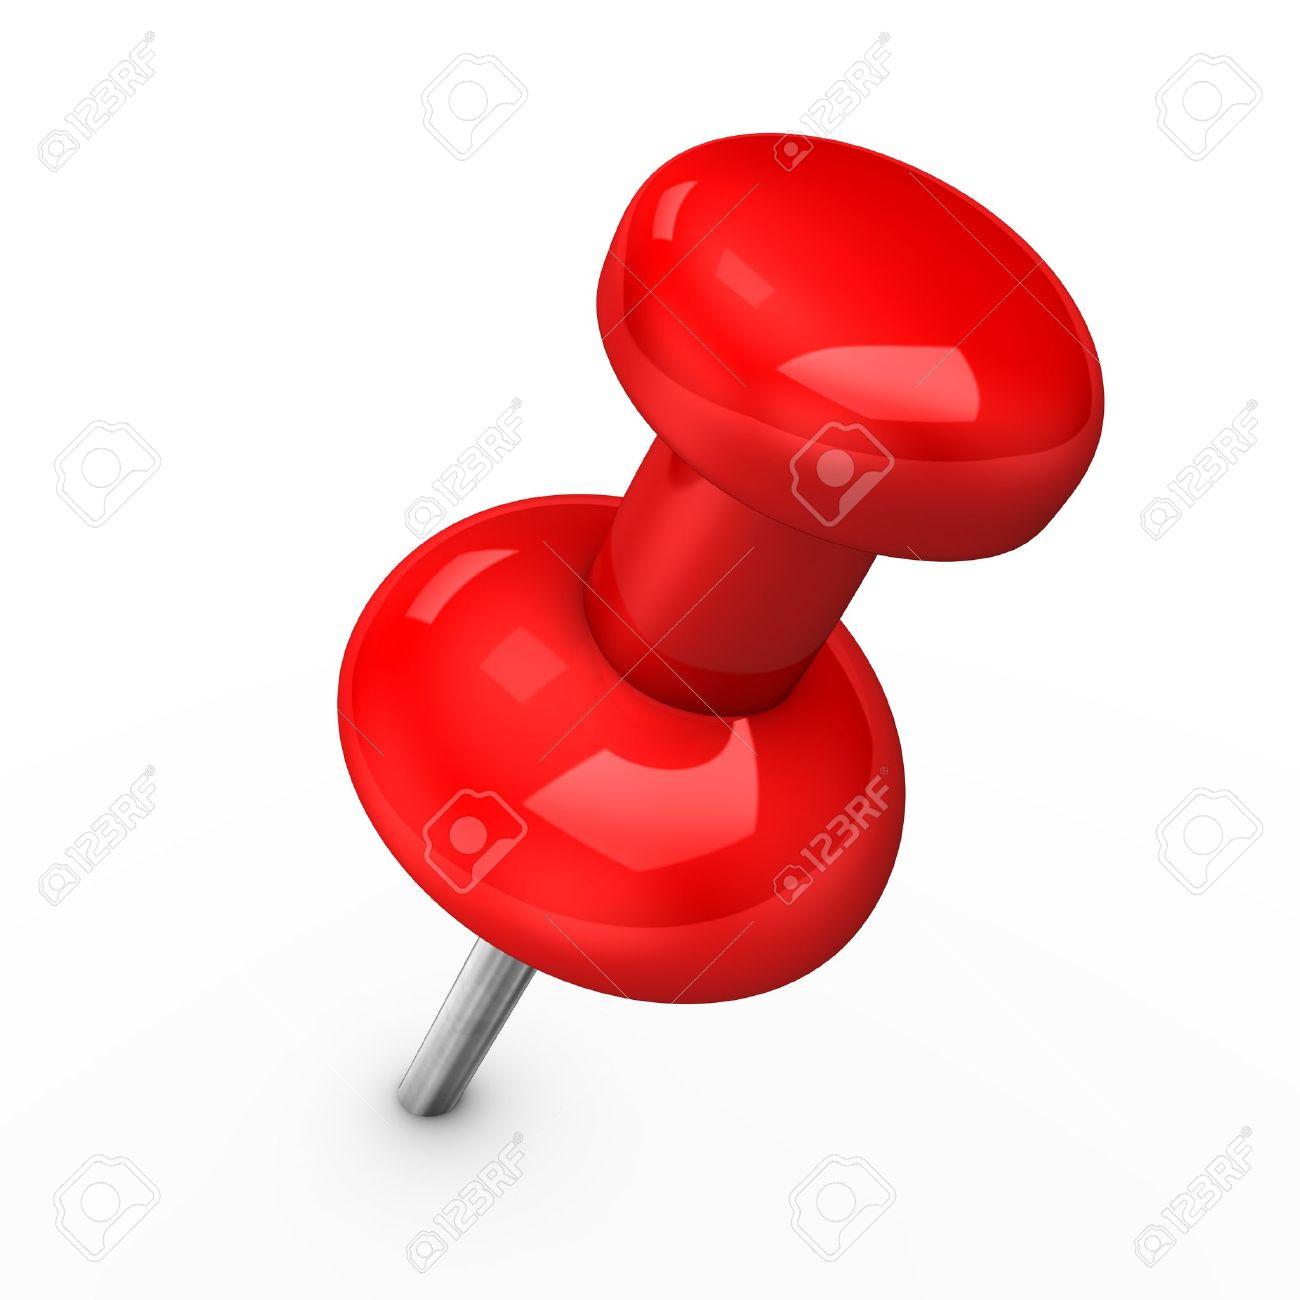 3d ilustracin de chincheta roja en pinang blanco foto de archivo 11253377